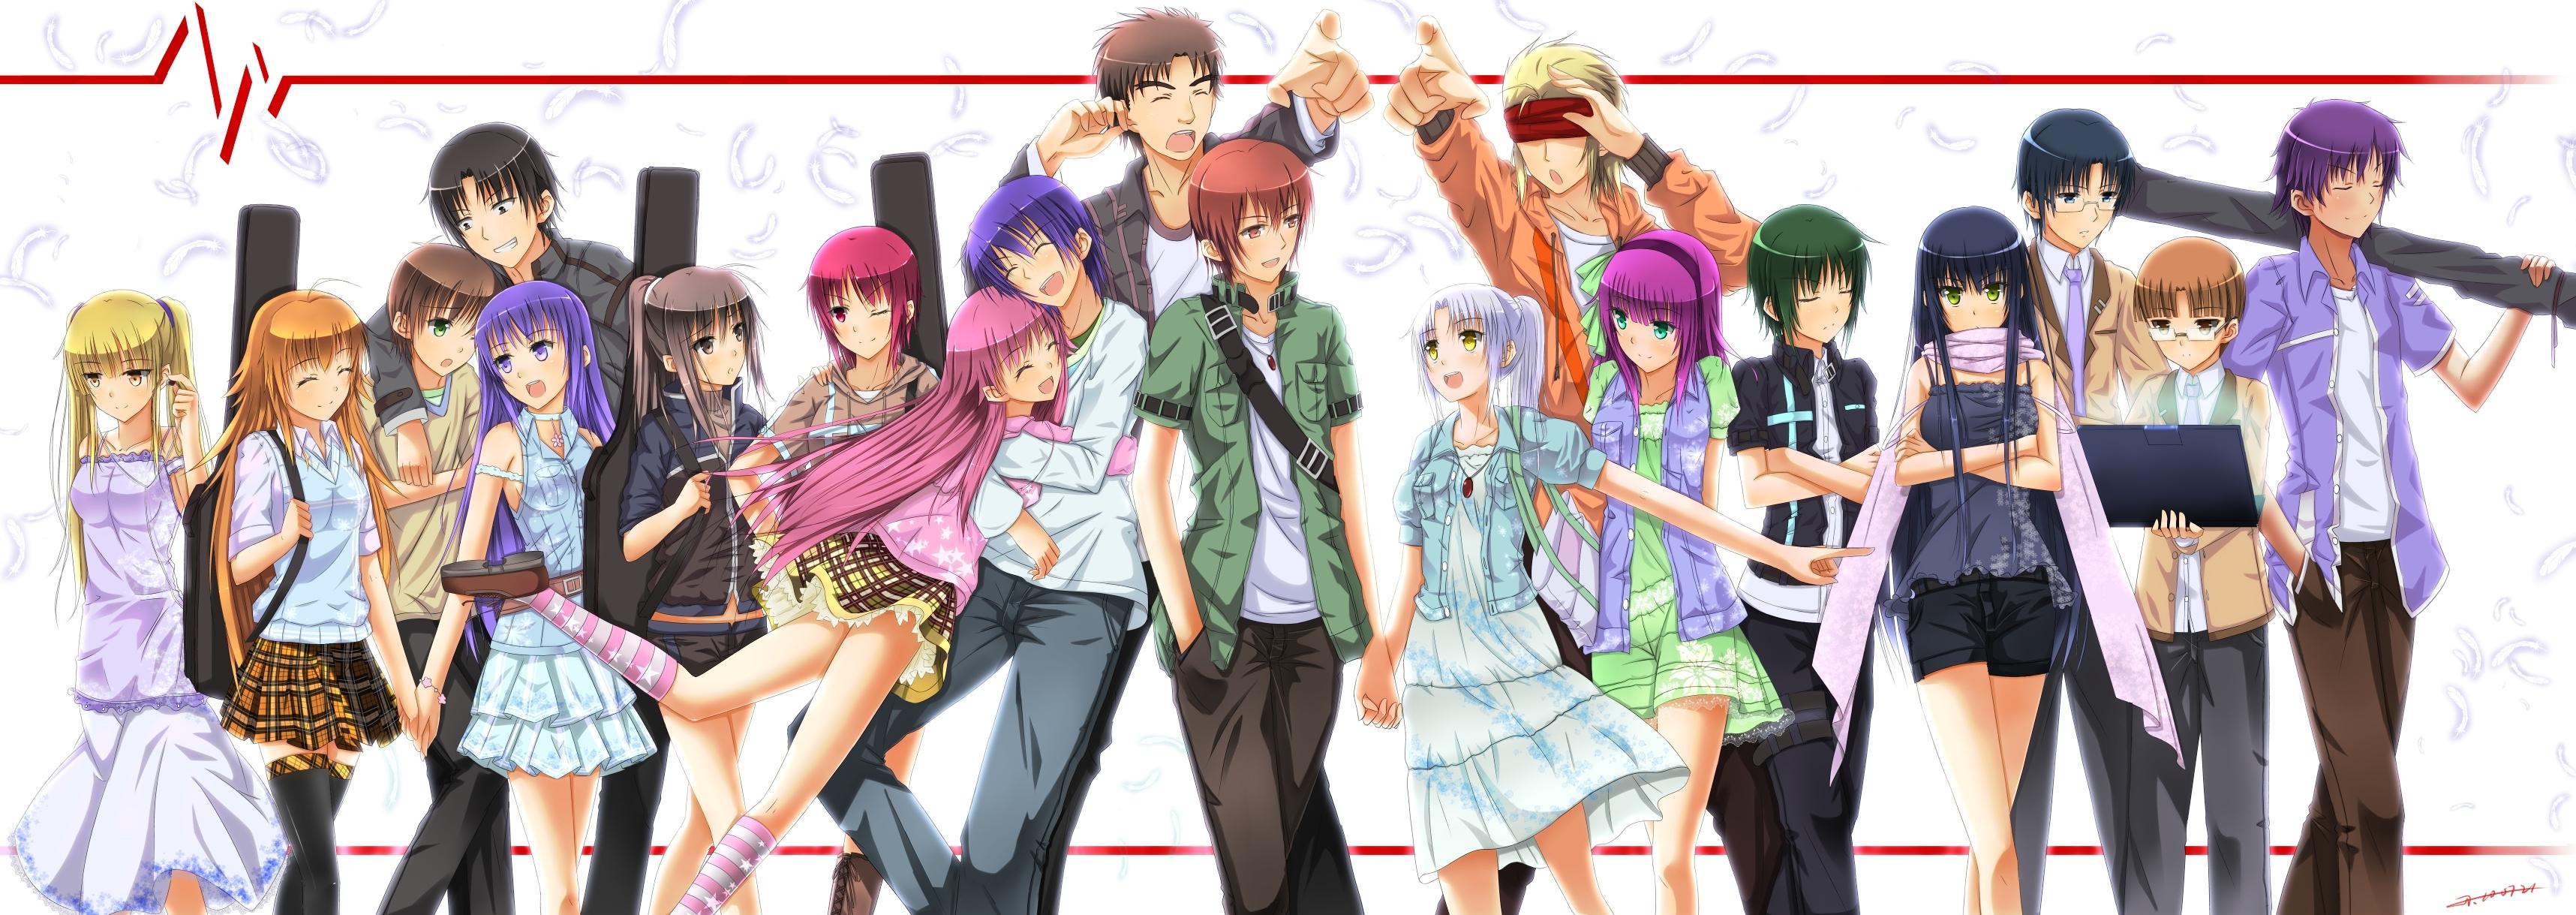 Angel Beats! Image #237641 - Zerochan Anime Image Board